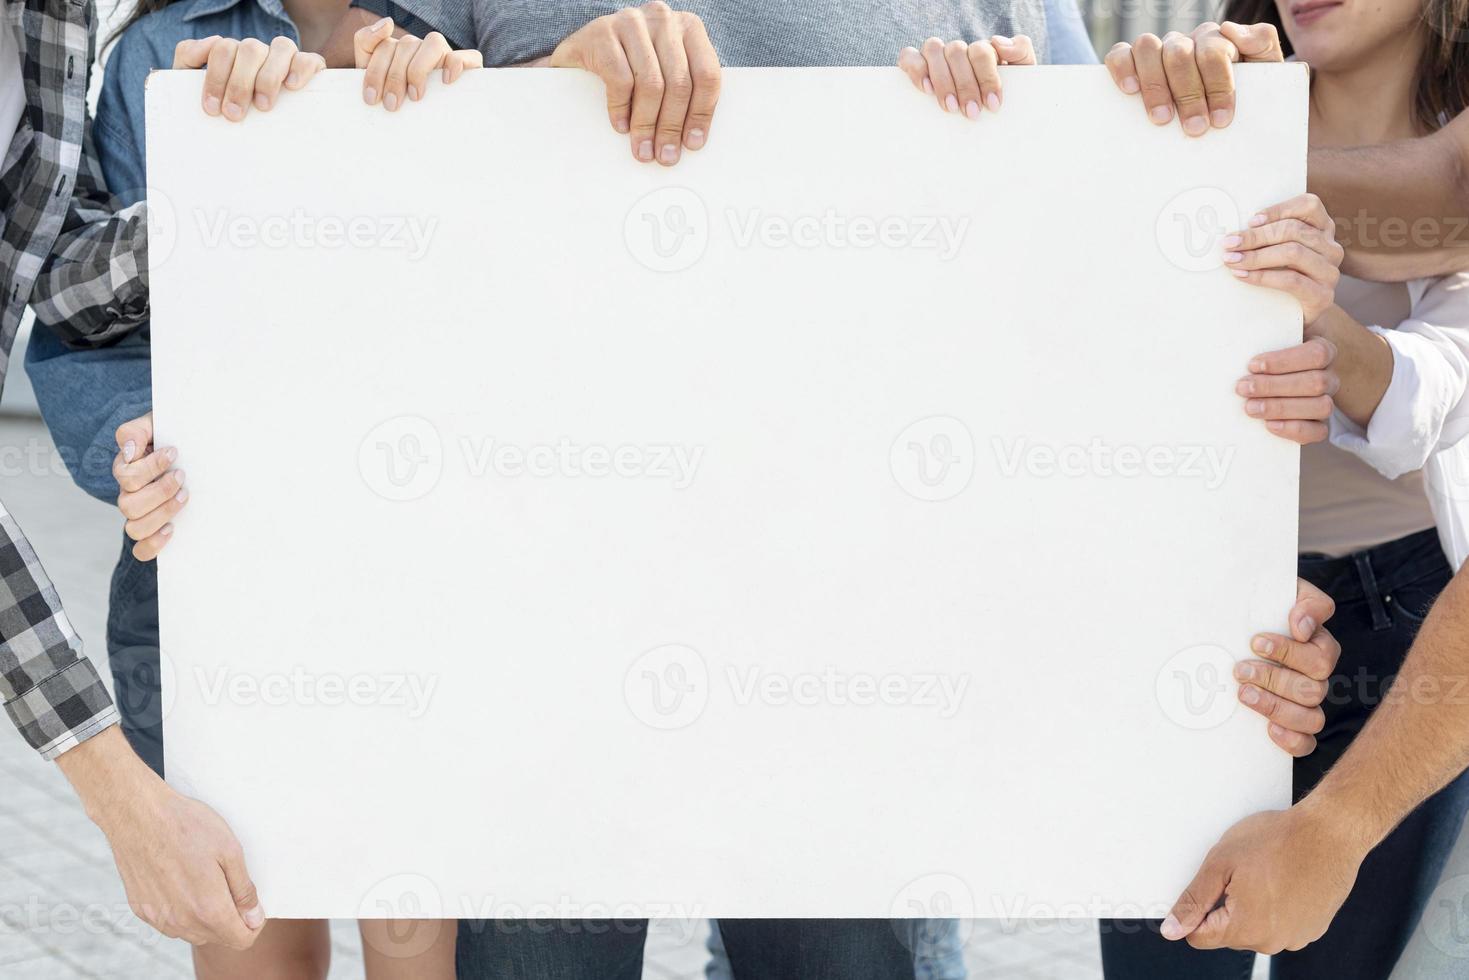 grupp demonstranter tillsammans med skyltmodell foto